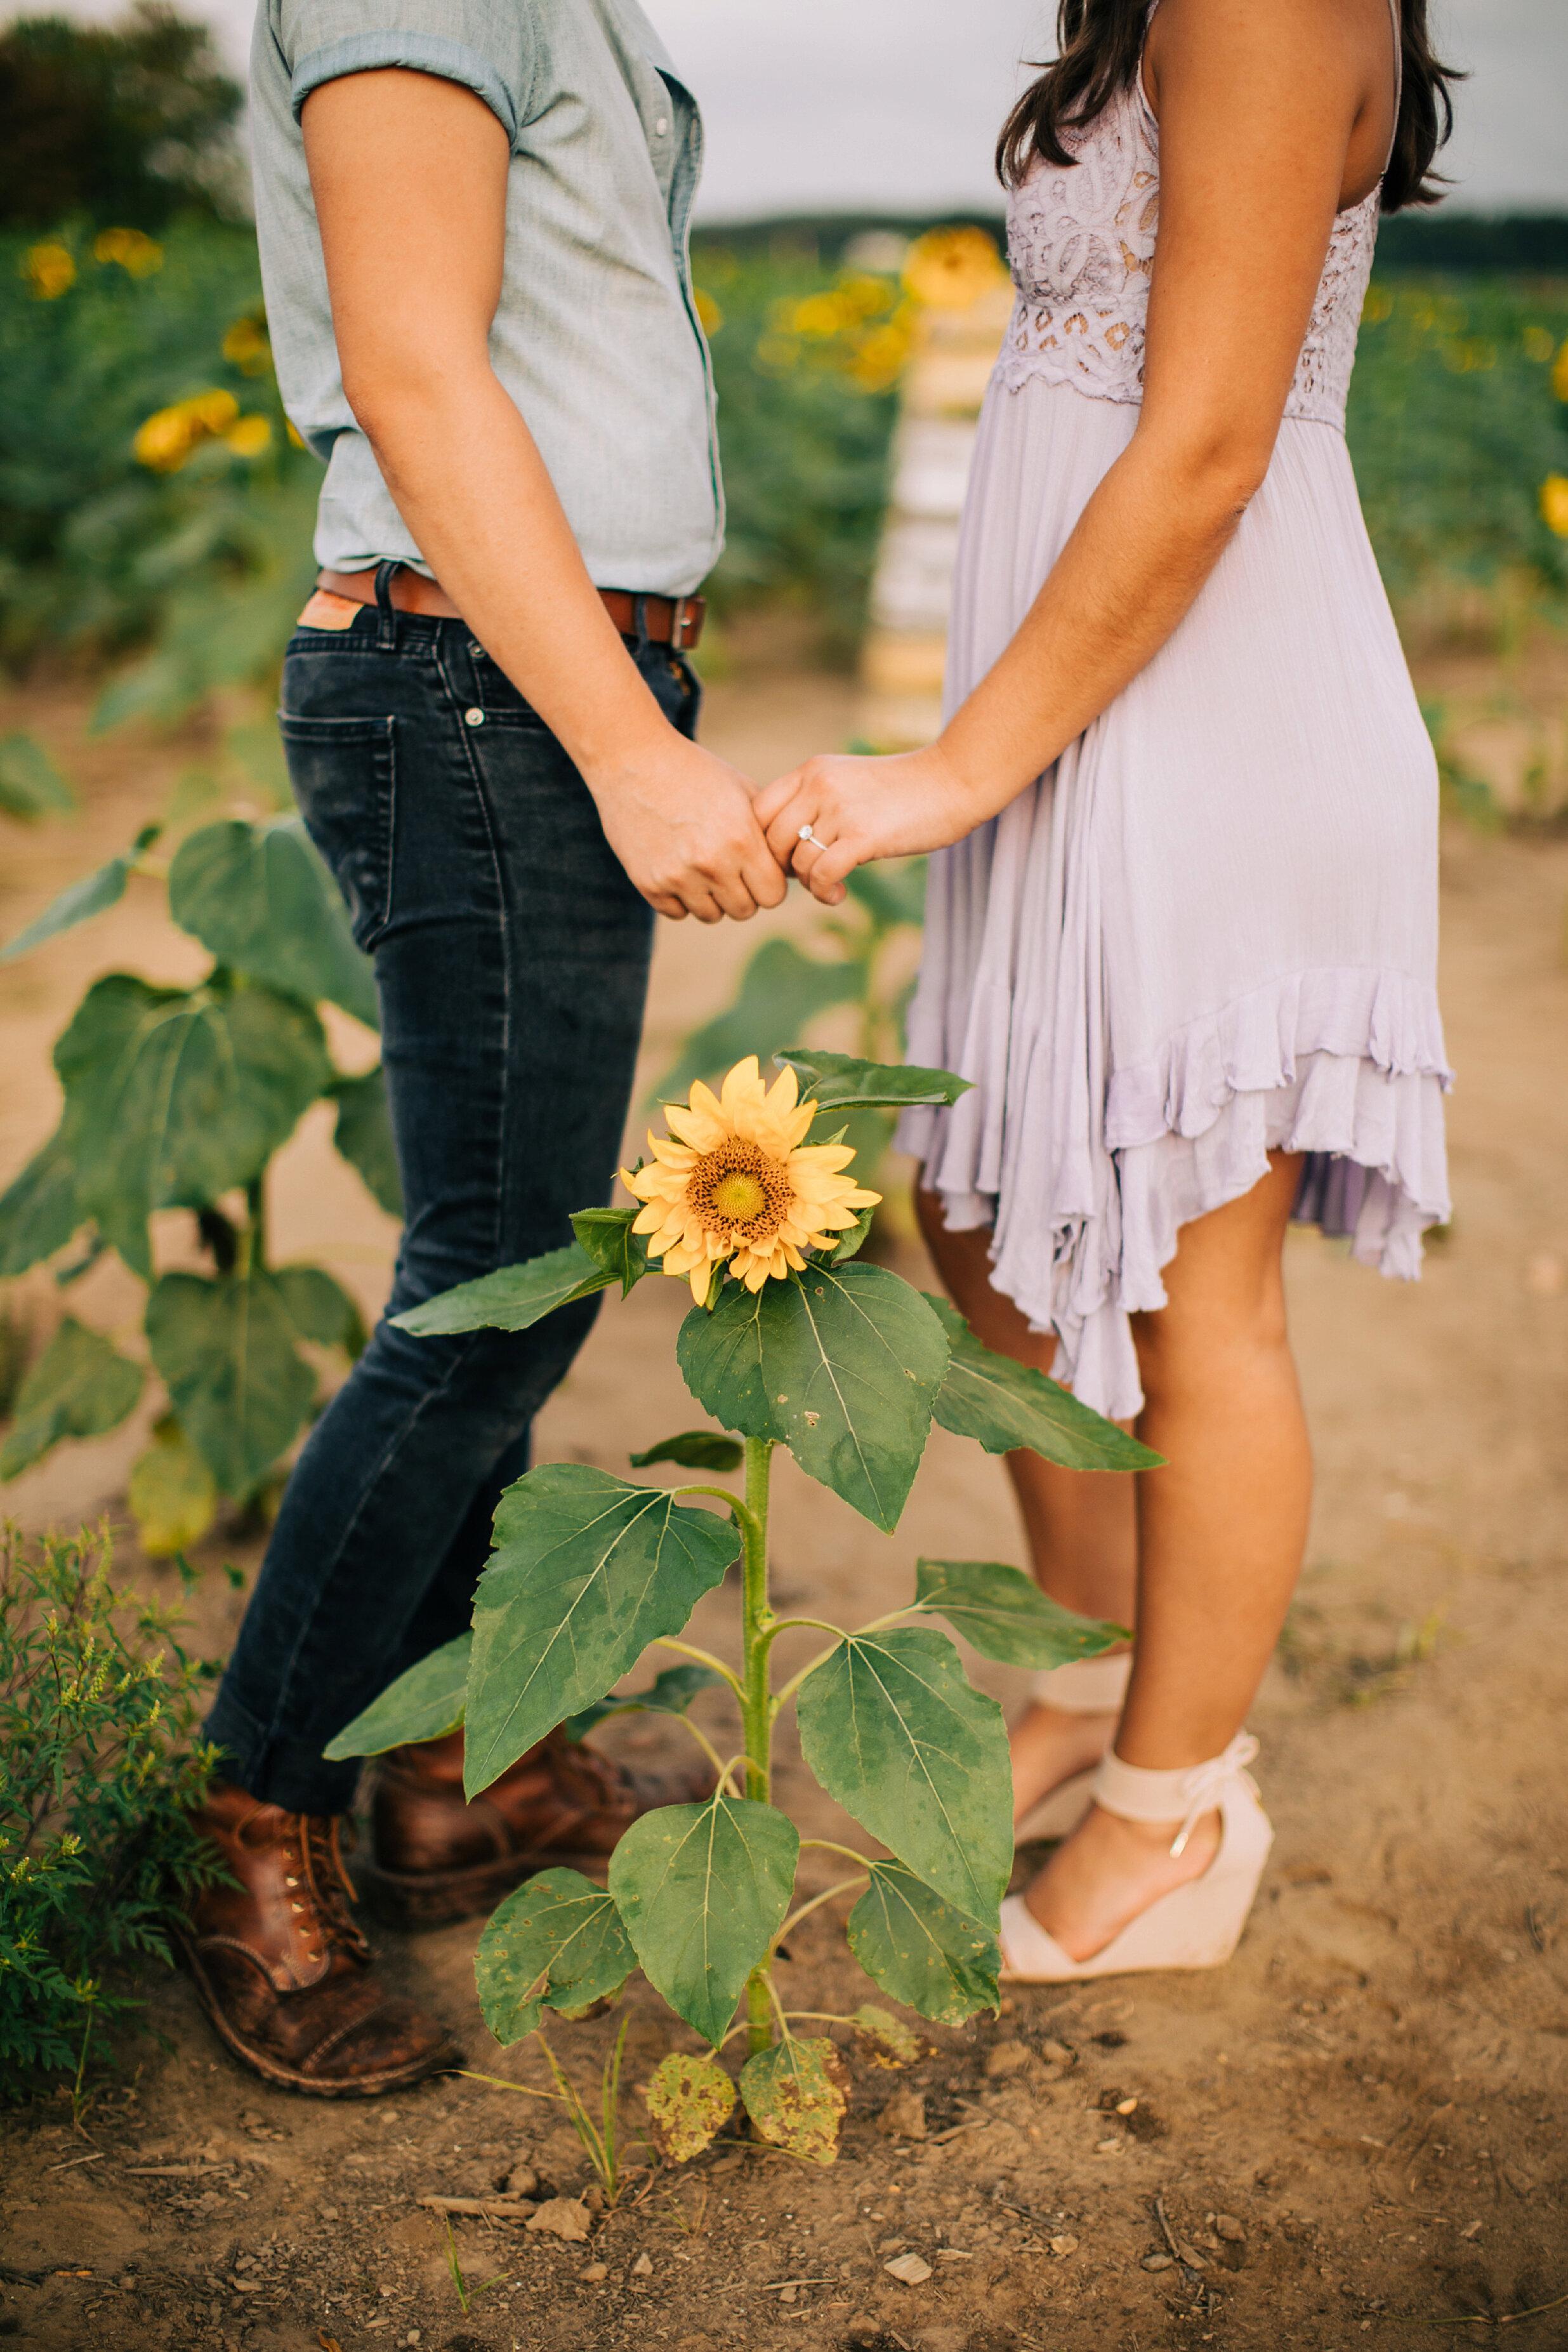 sunflower-field-engagement-session-nj_0011.jpg